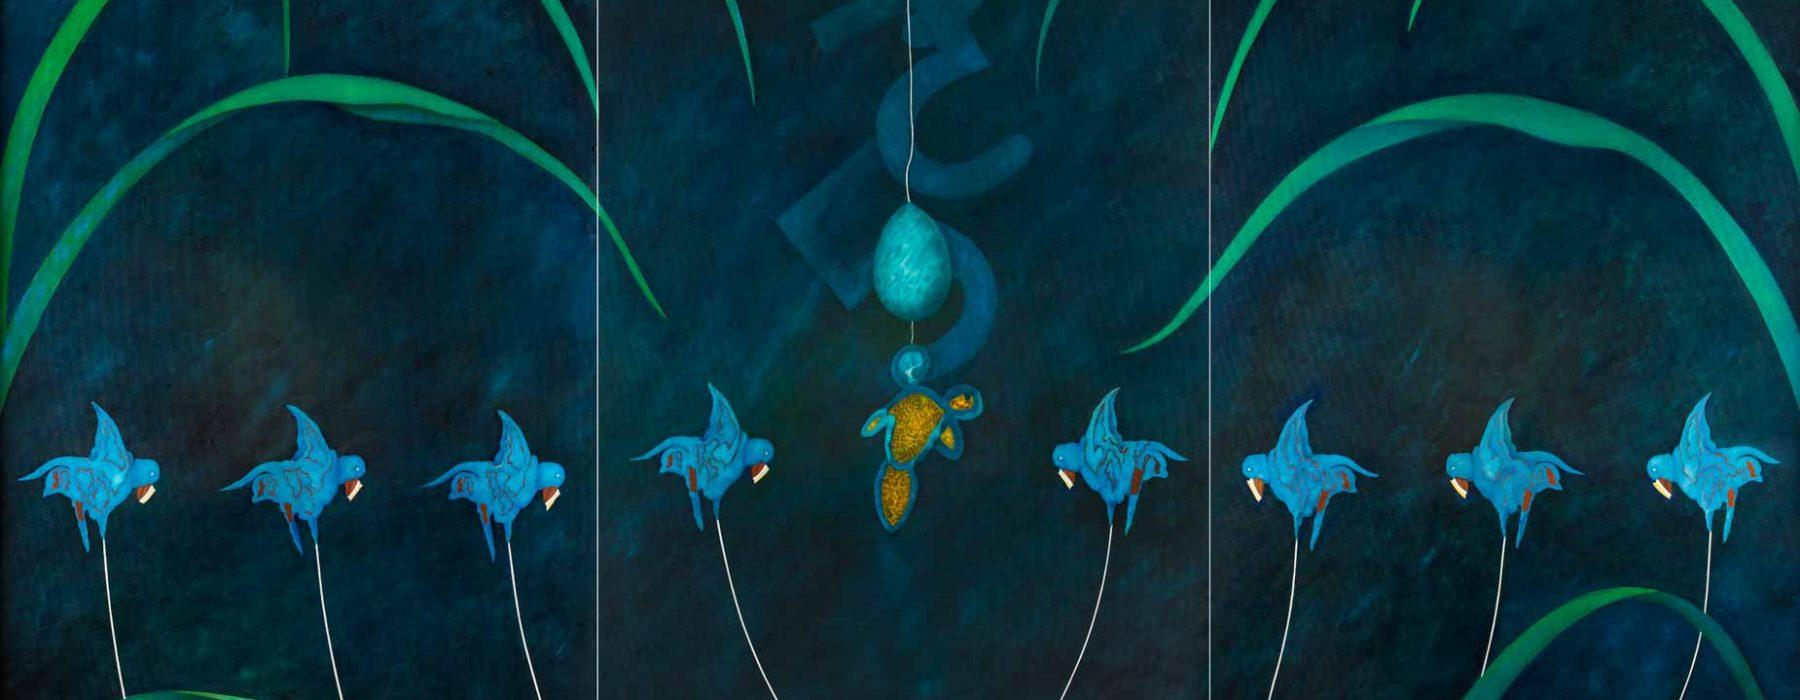 أغوستينو دي رومانيس. ألوان الروح التي تغزو العالم